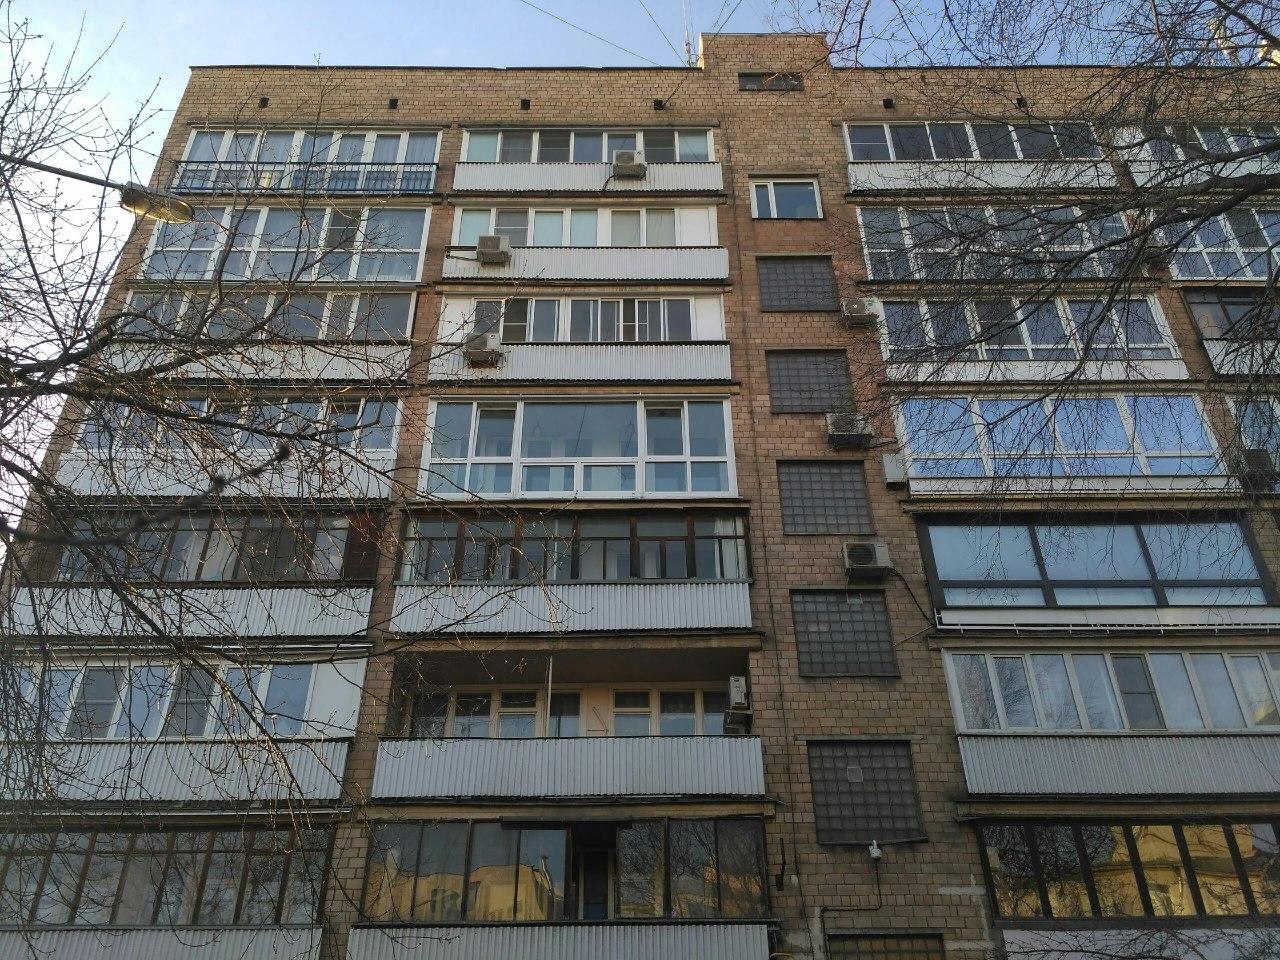 В России началась массовая проверка незаконных перепланировок квартир